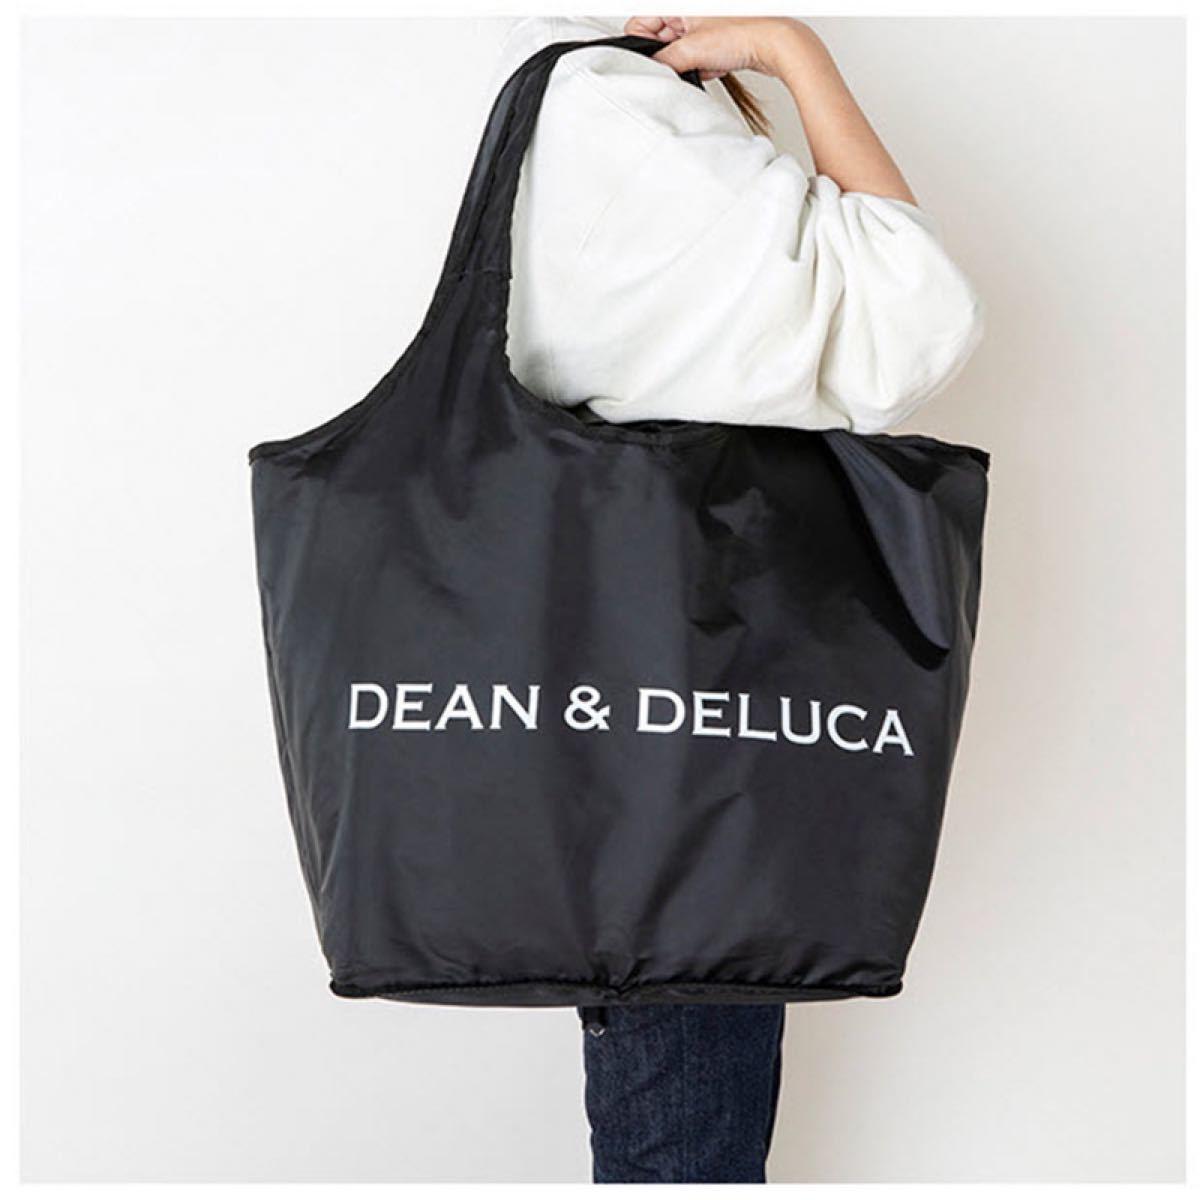 DEAN&DELUCA  トートバッグ エコバッグ